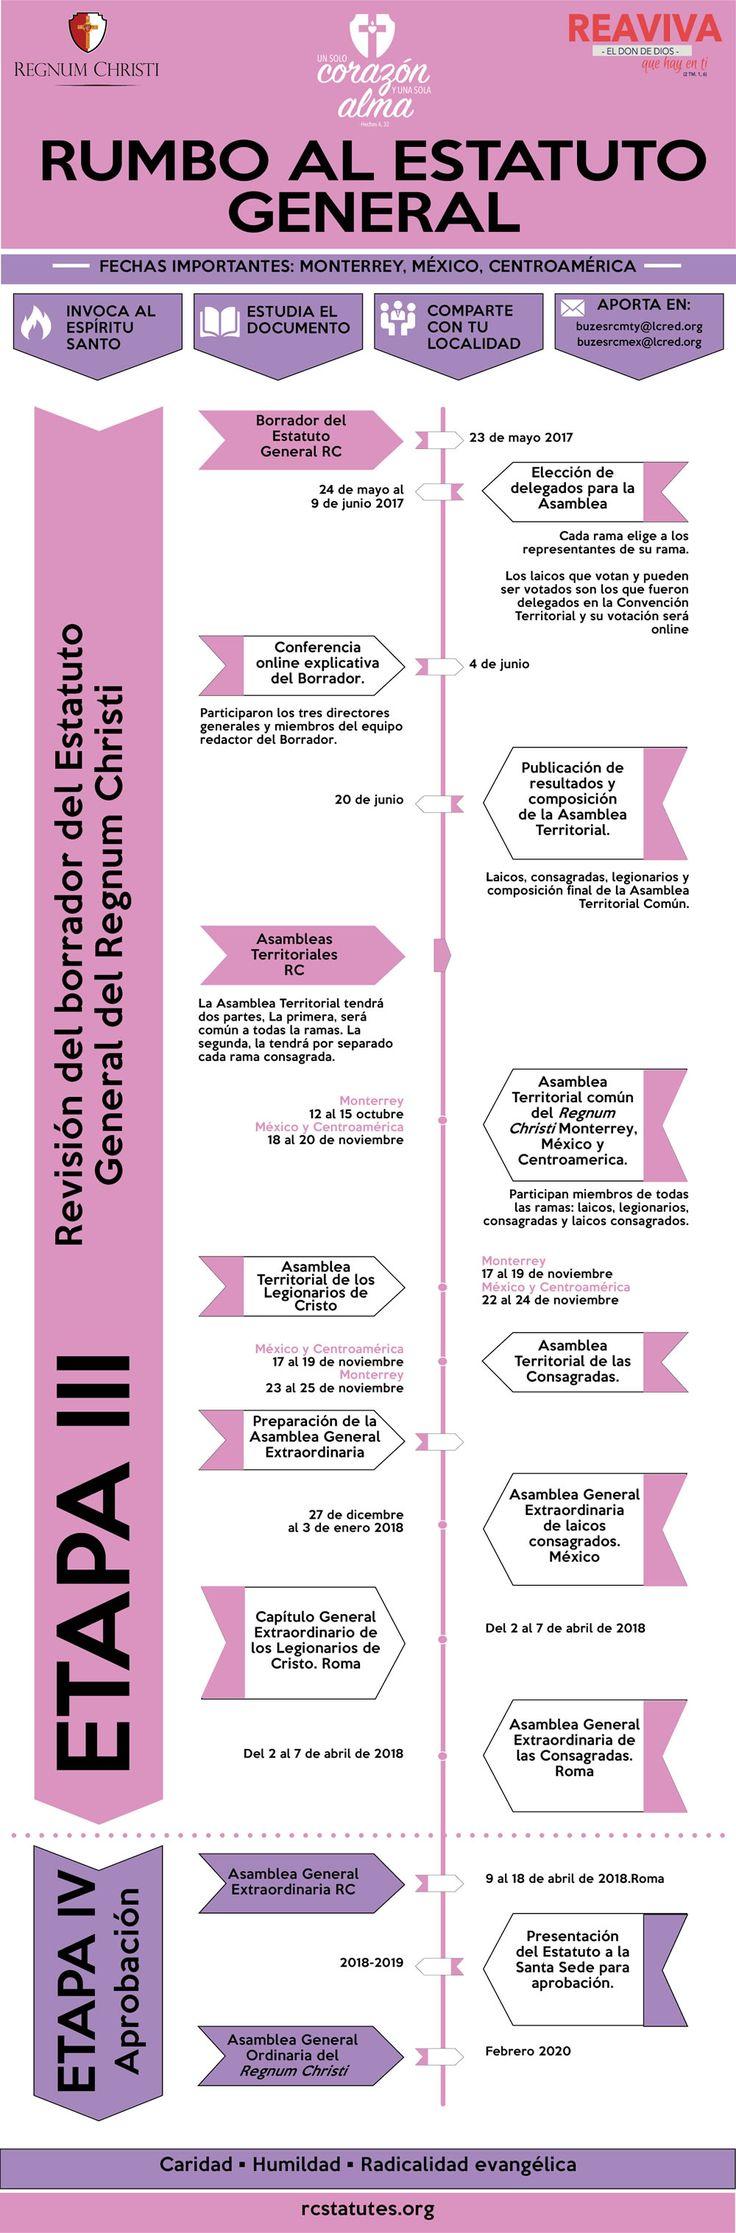 Revisa las fechas más importantes del proceso para la definición del Estatuto General del Regnum Christi